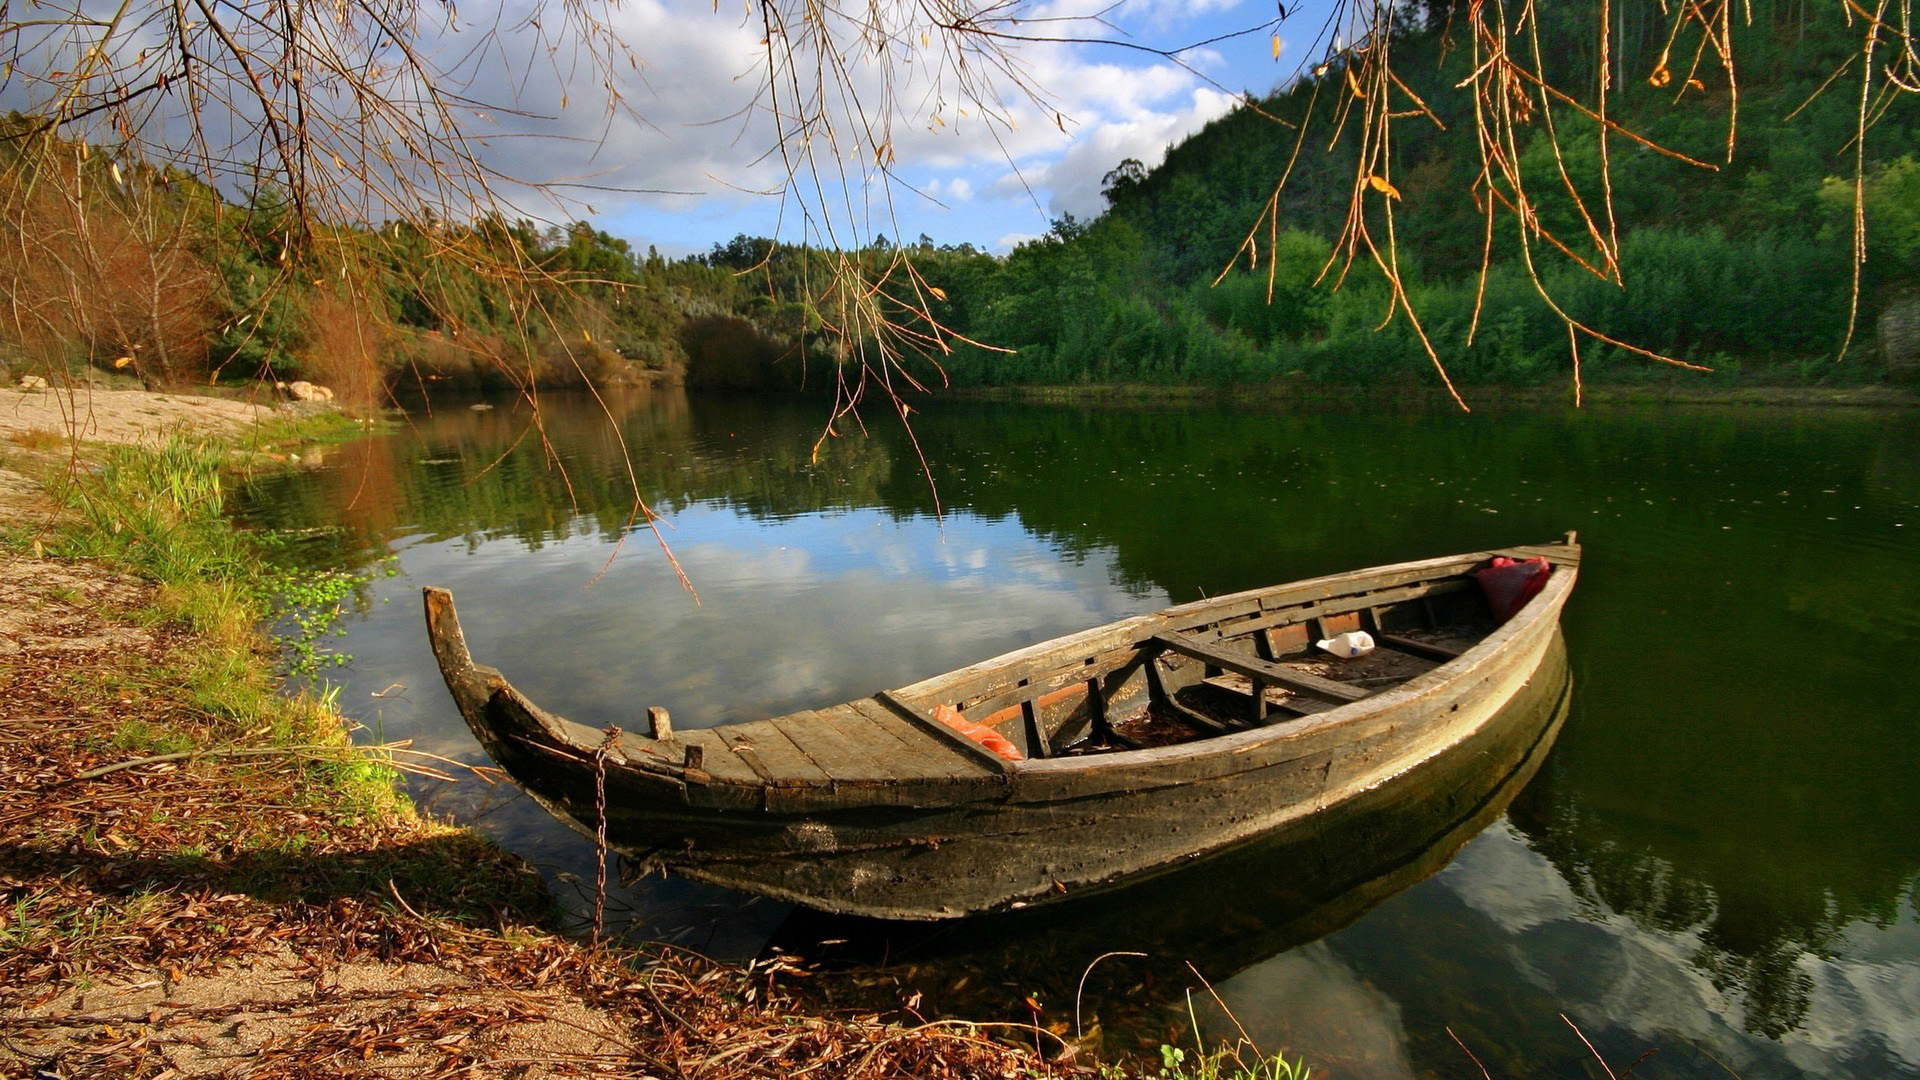 Beautiful Fall Landscape Wallpaper Boat Wallpapers Hd Pixelstalk Net